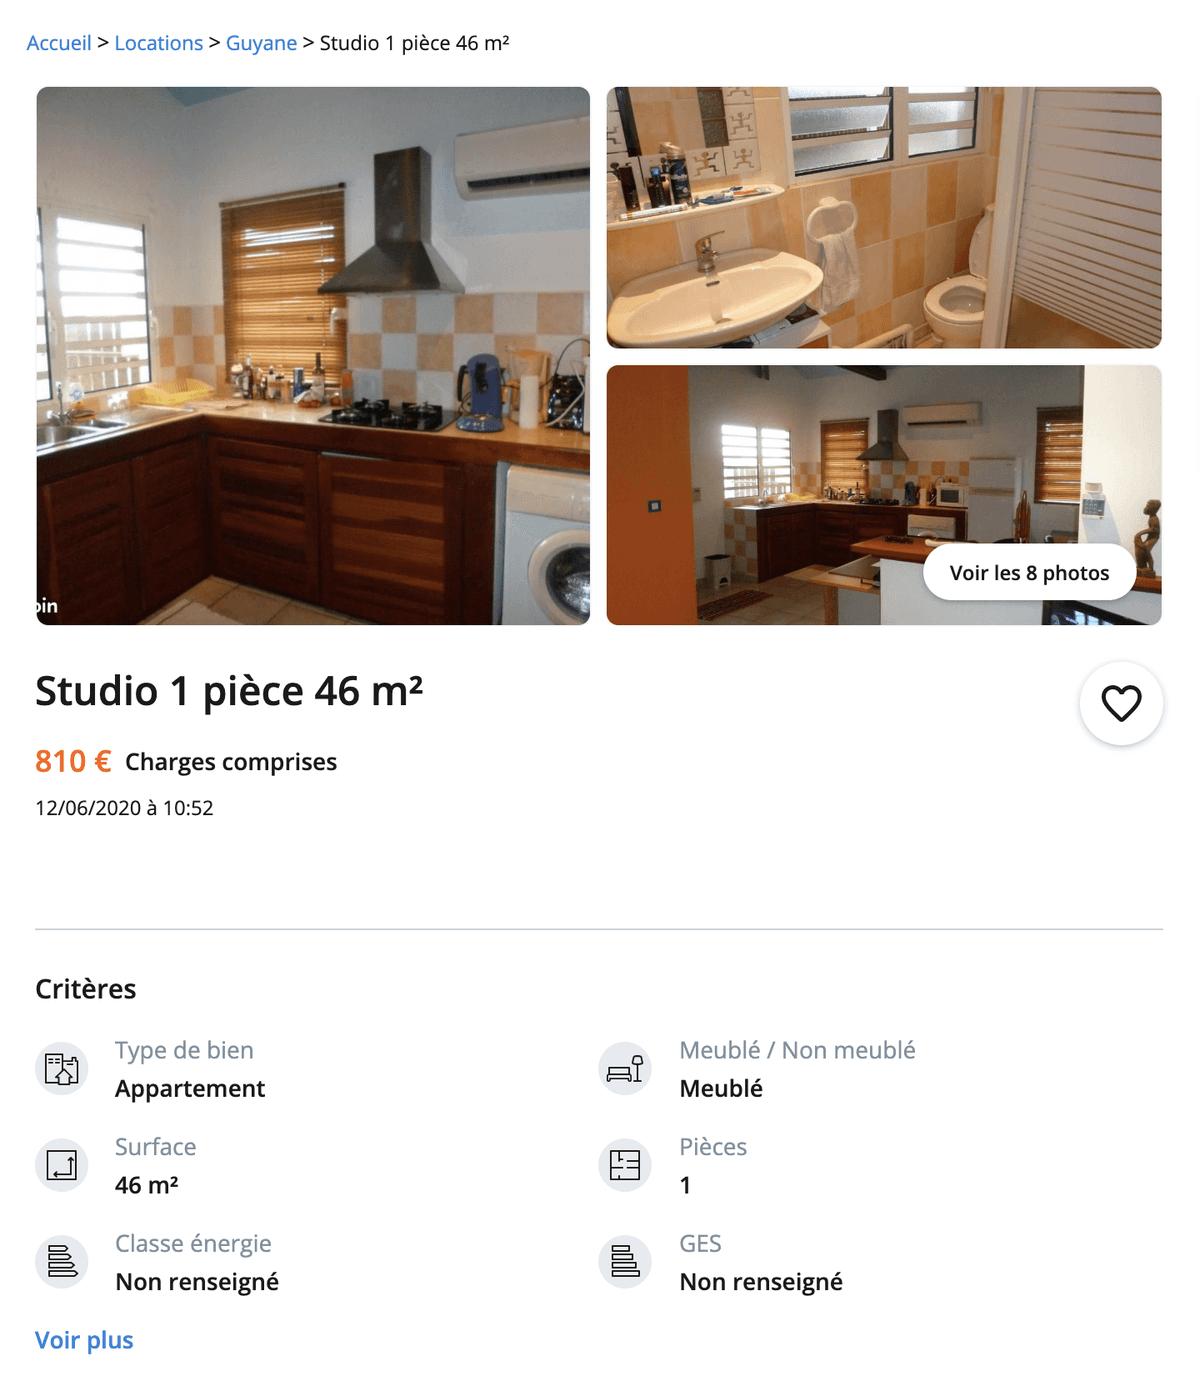 Меблированная студия площадью 46 м² — 810€